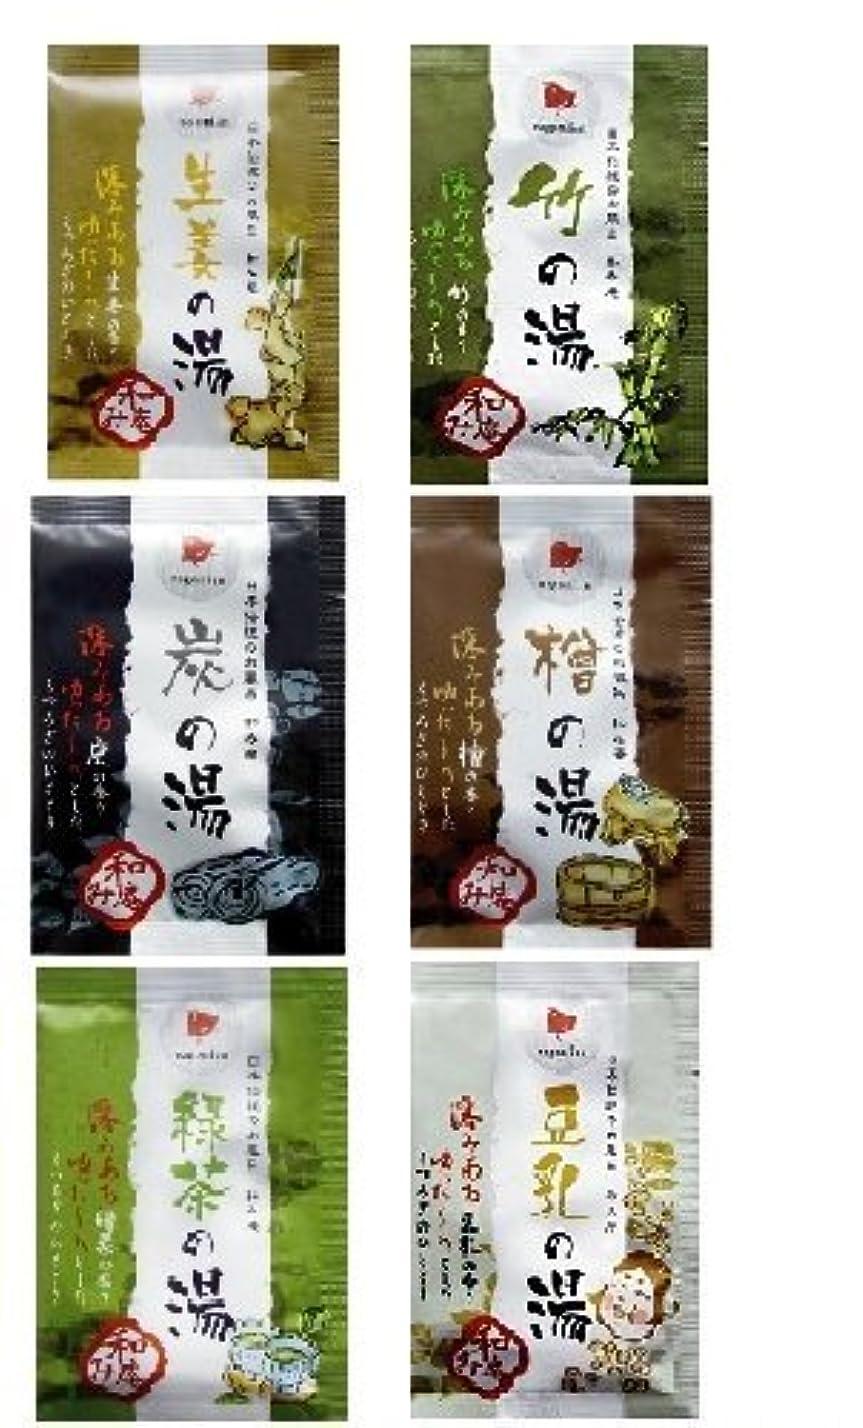 同級生イヤホン連鎖日本伝統のお風呂 和み庵 6種類セット